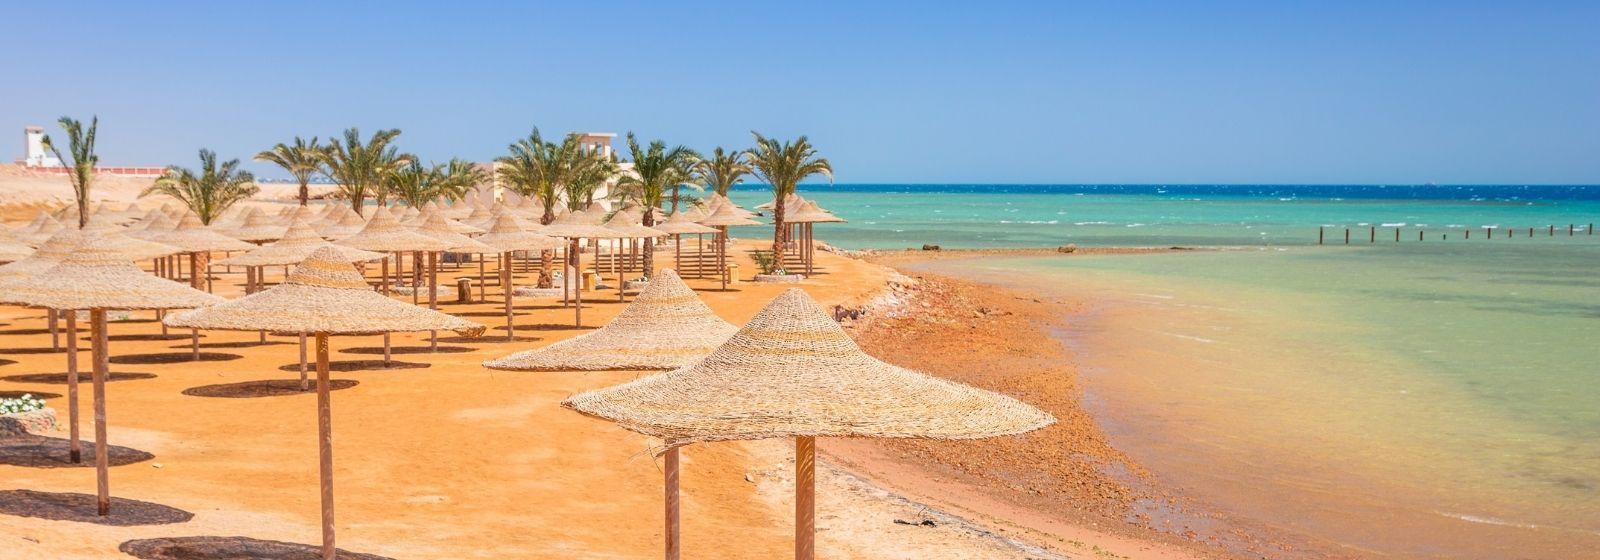 Aktivitäten in Hurghada